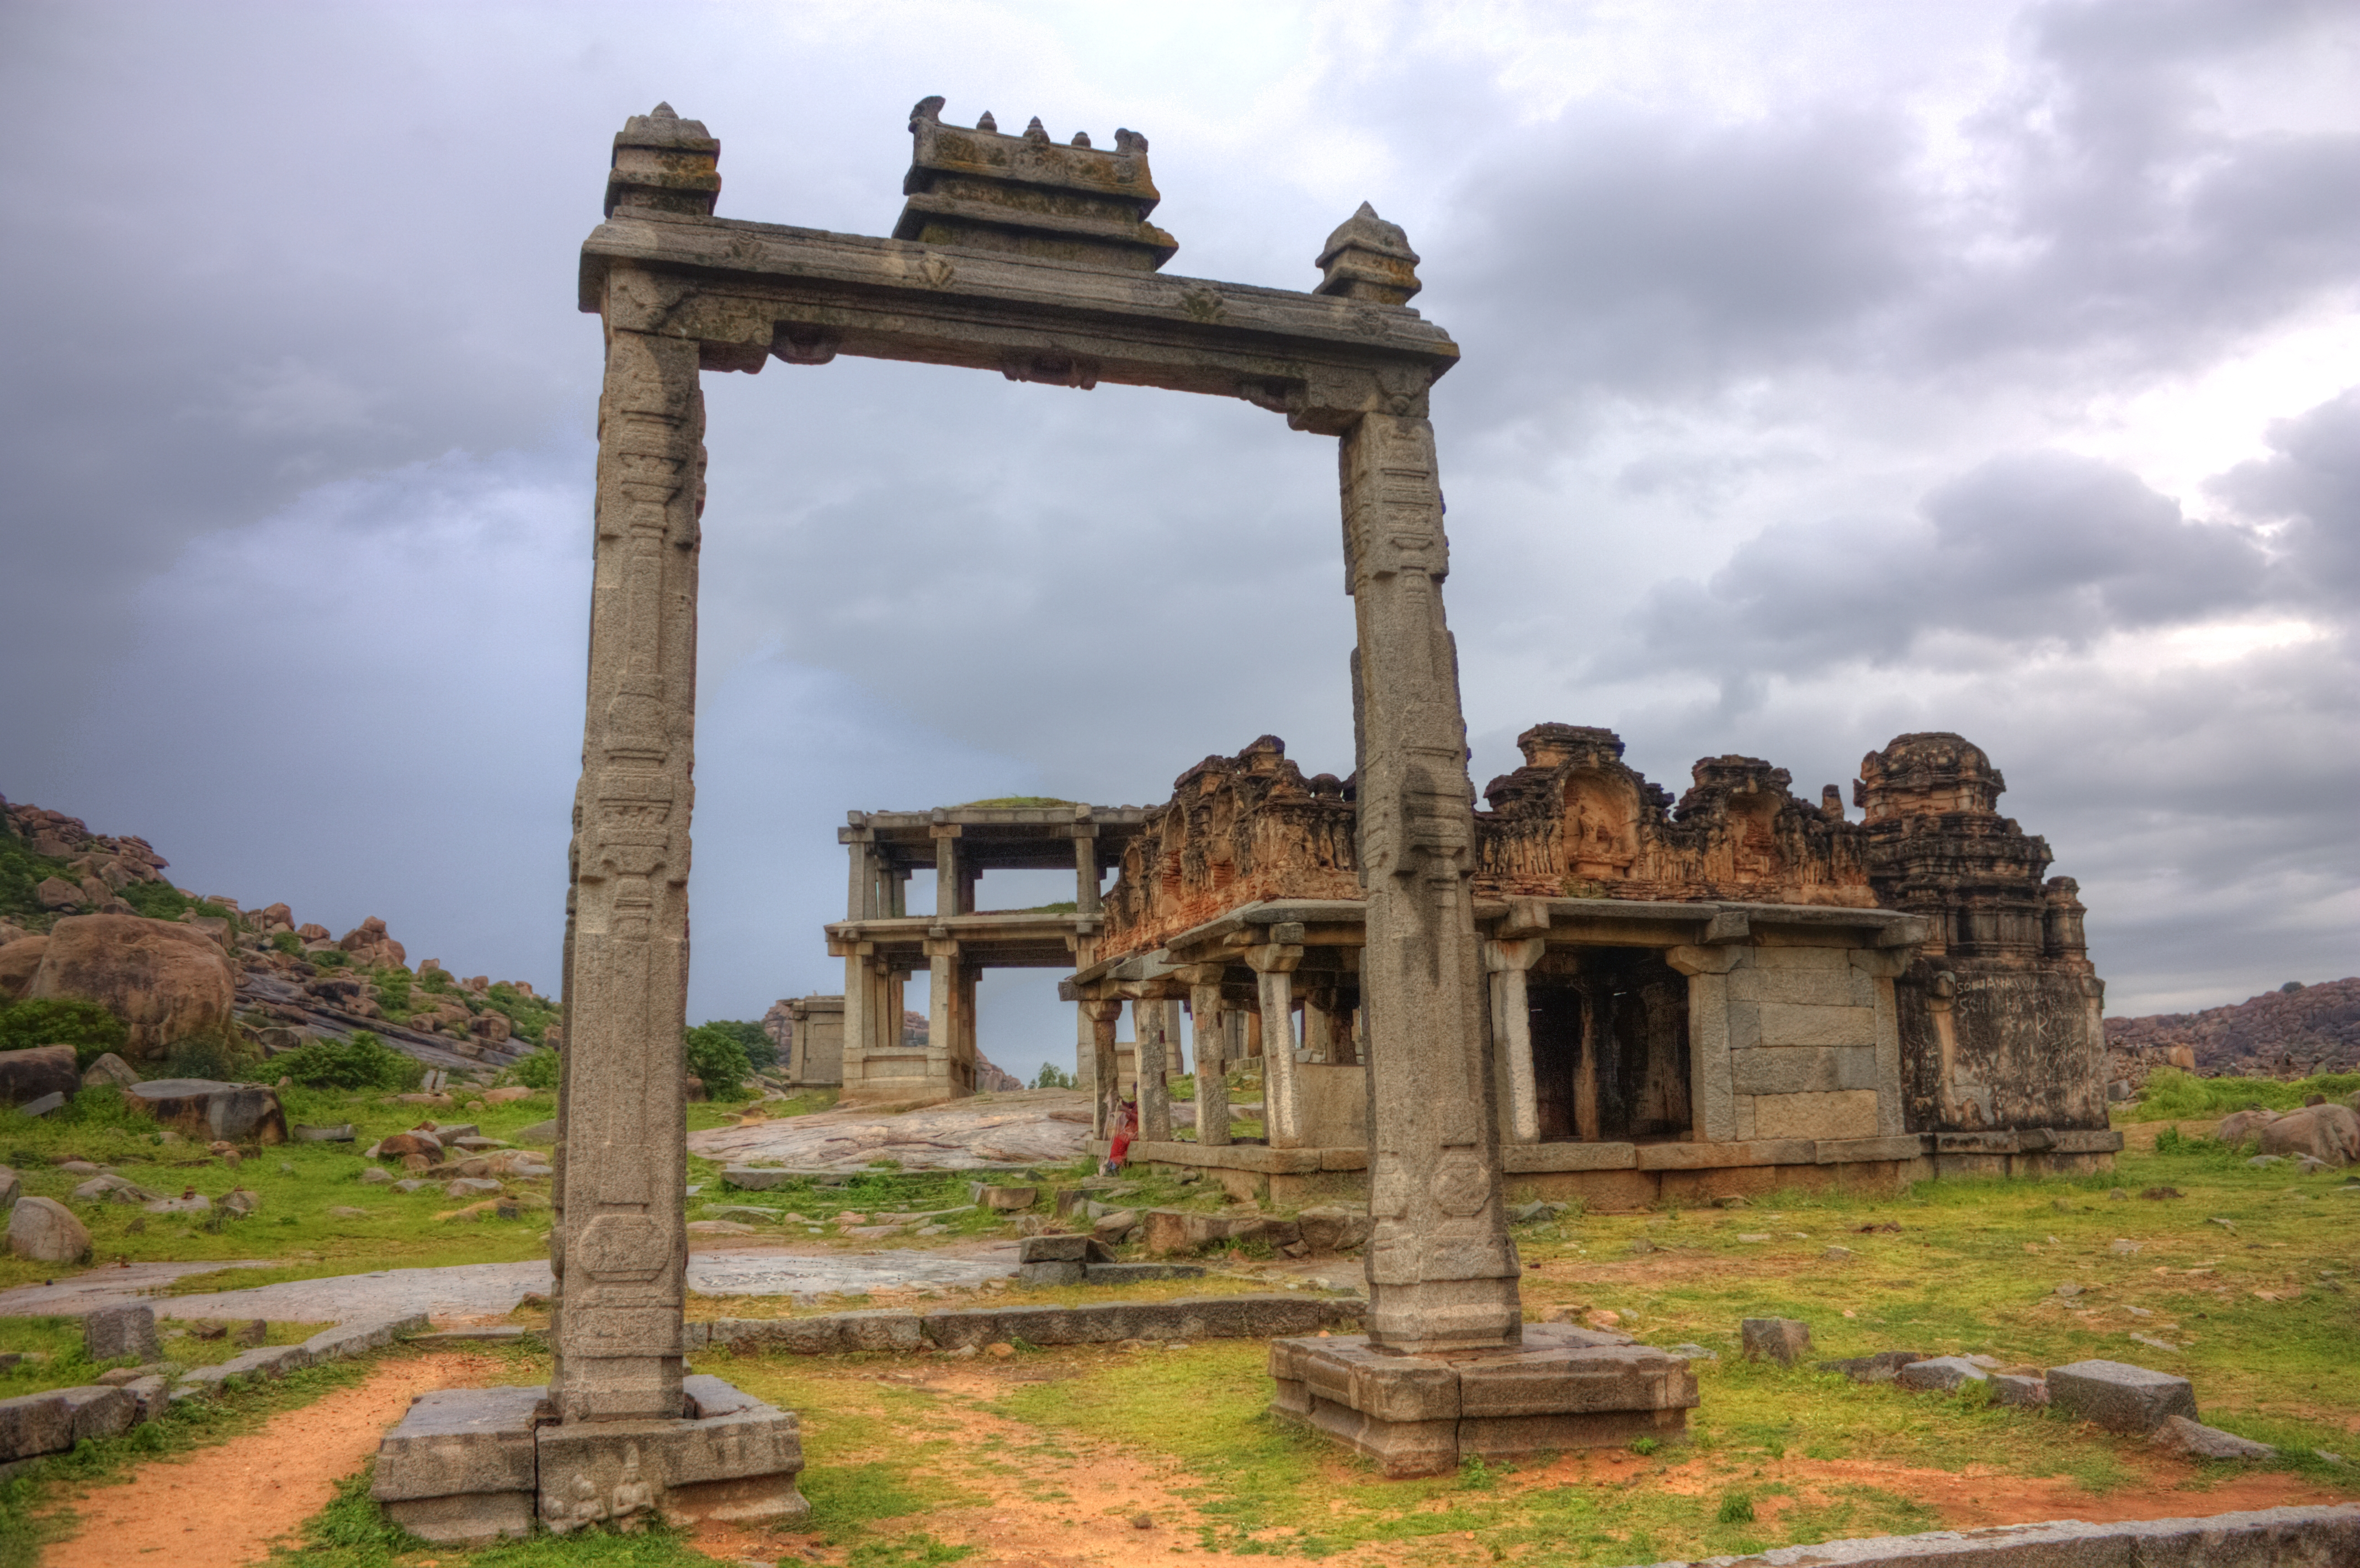 The Kings Balance, Hampi, India